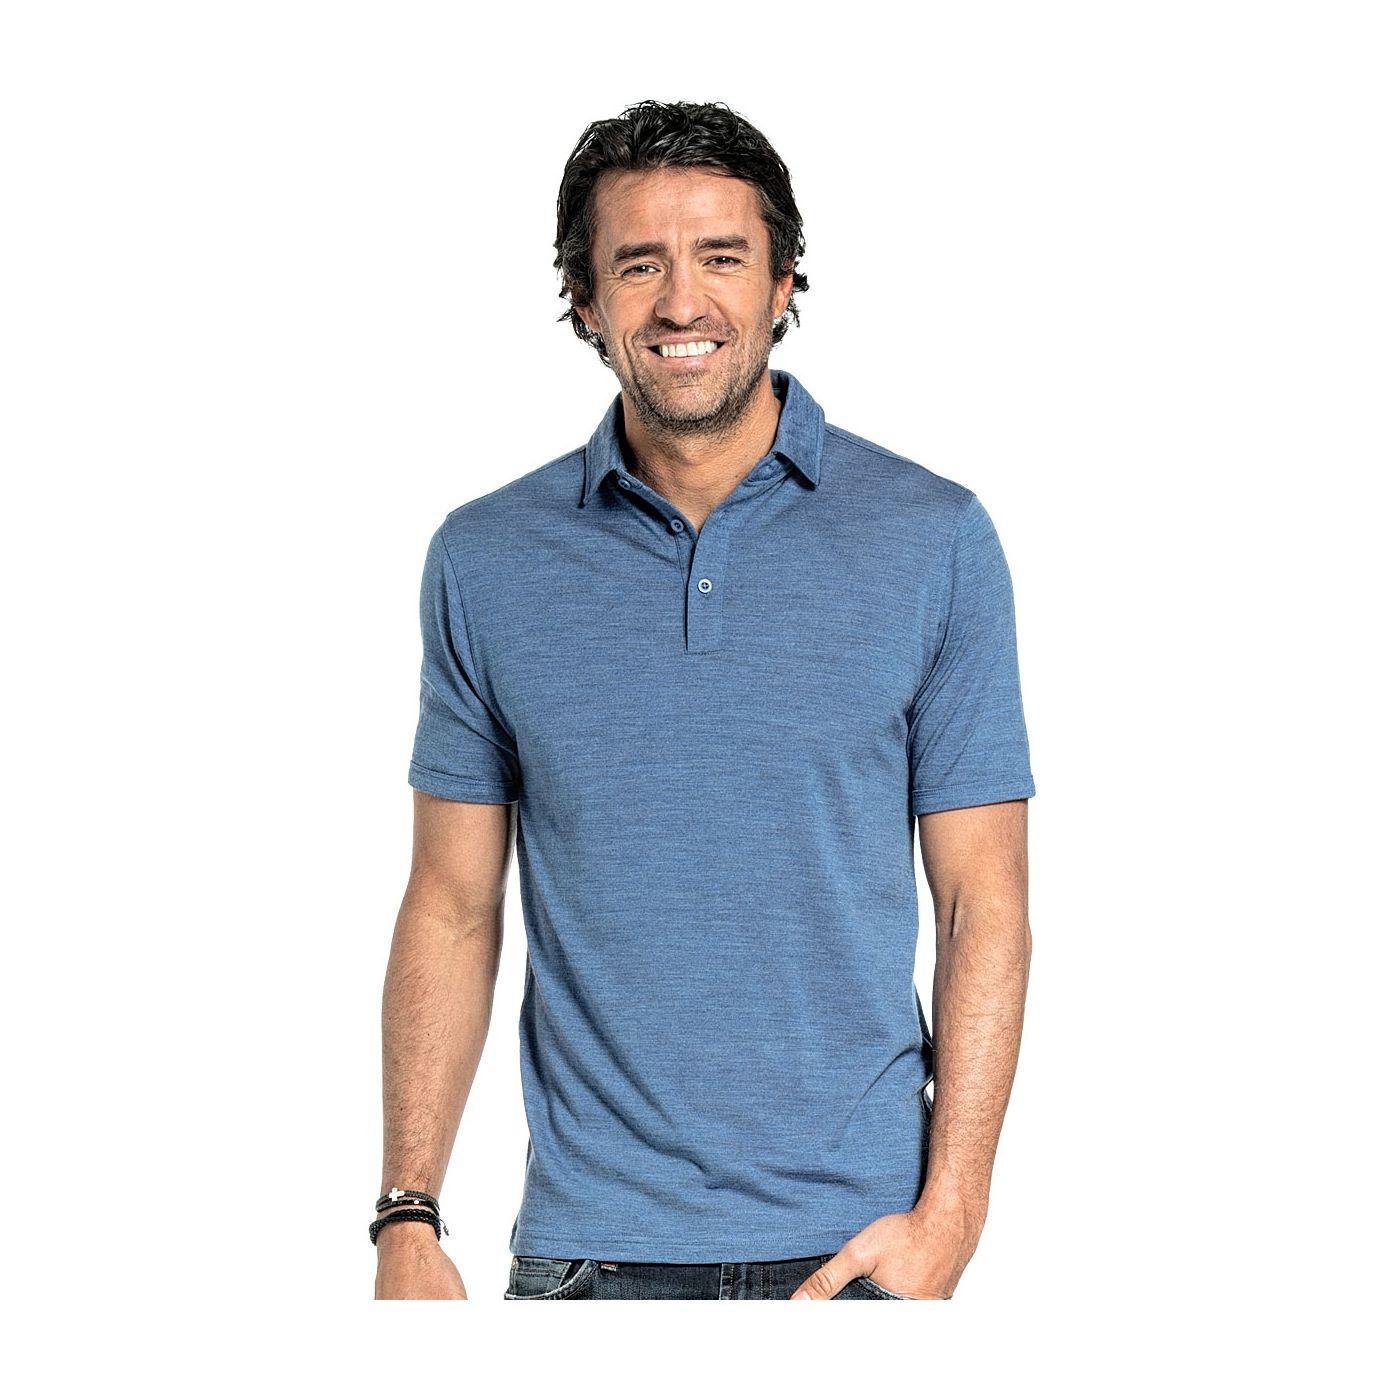 Poloshirt für Herren aus Merinowolle in Leuchtendes Blau